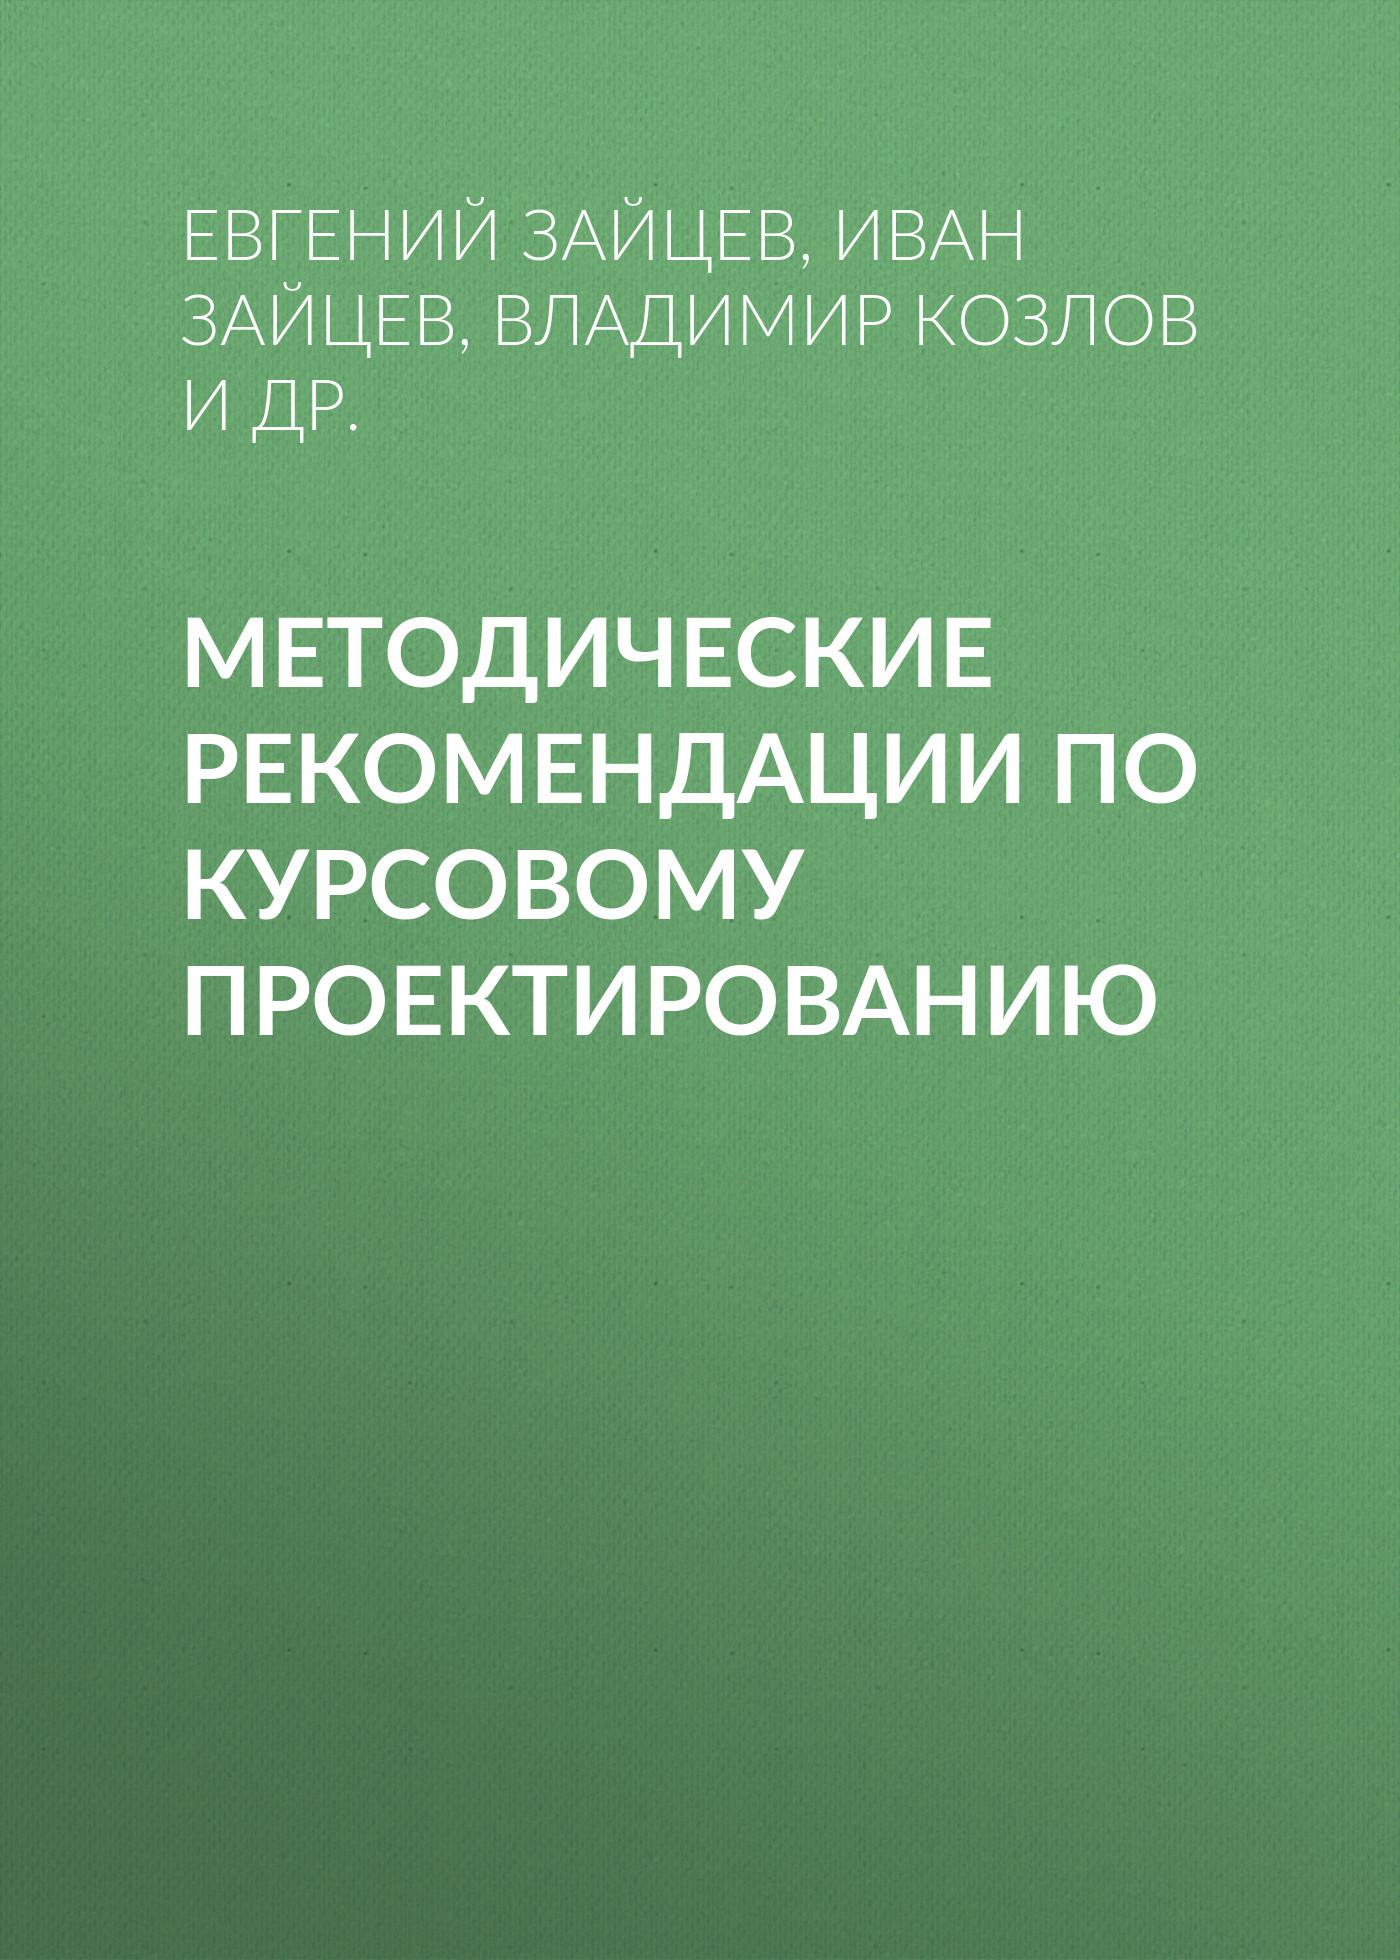 Владимир Козлов Методические рекомендации по курсовому проектированию владимир козлов седьмоенебо маршрут счастья